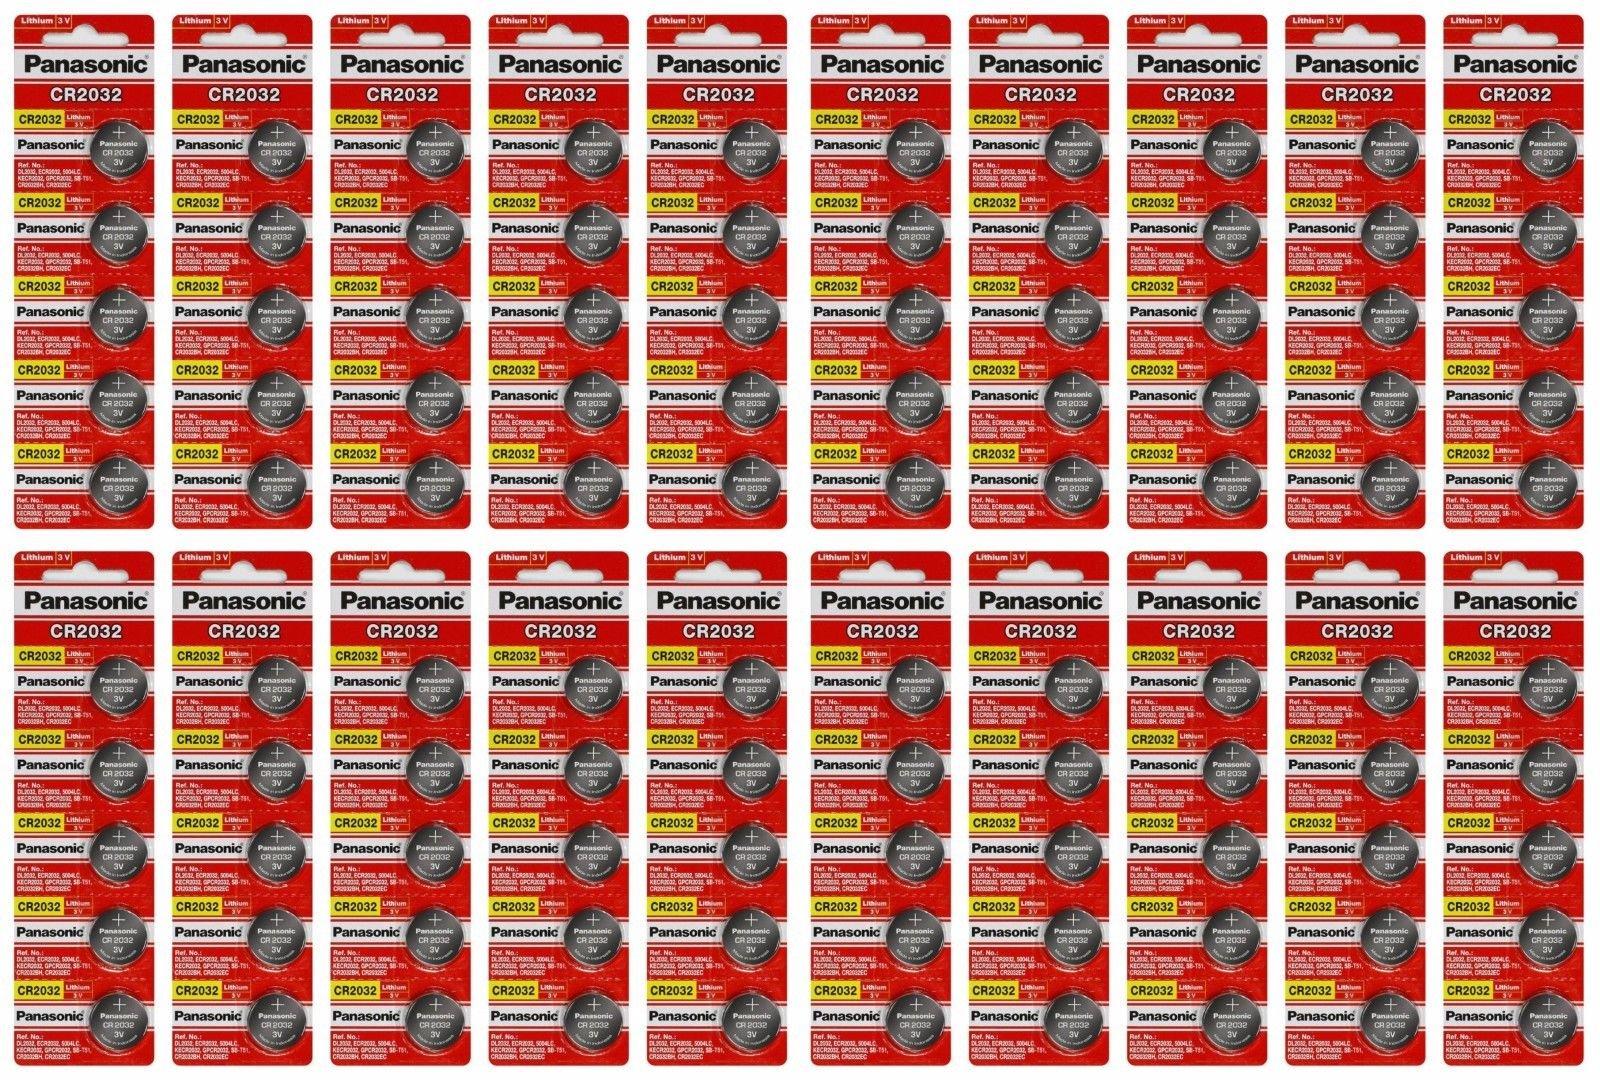 Panasonic Lot of 100 Batteries CR2032 DL2032 ECR2032 3V Lithium Coin Battery